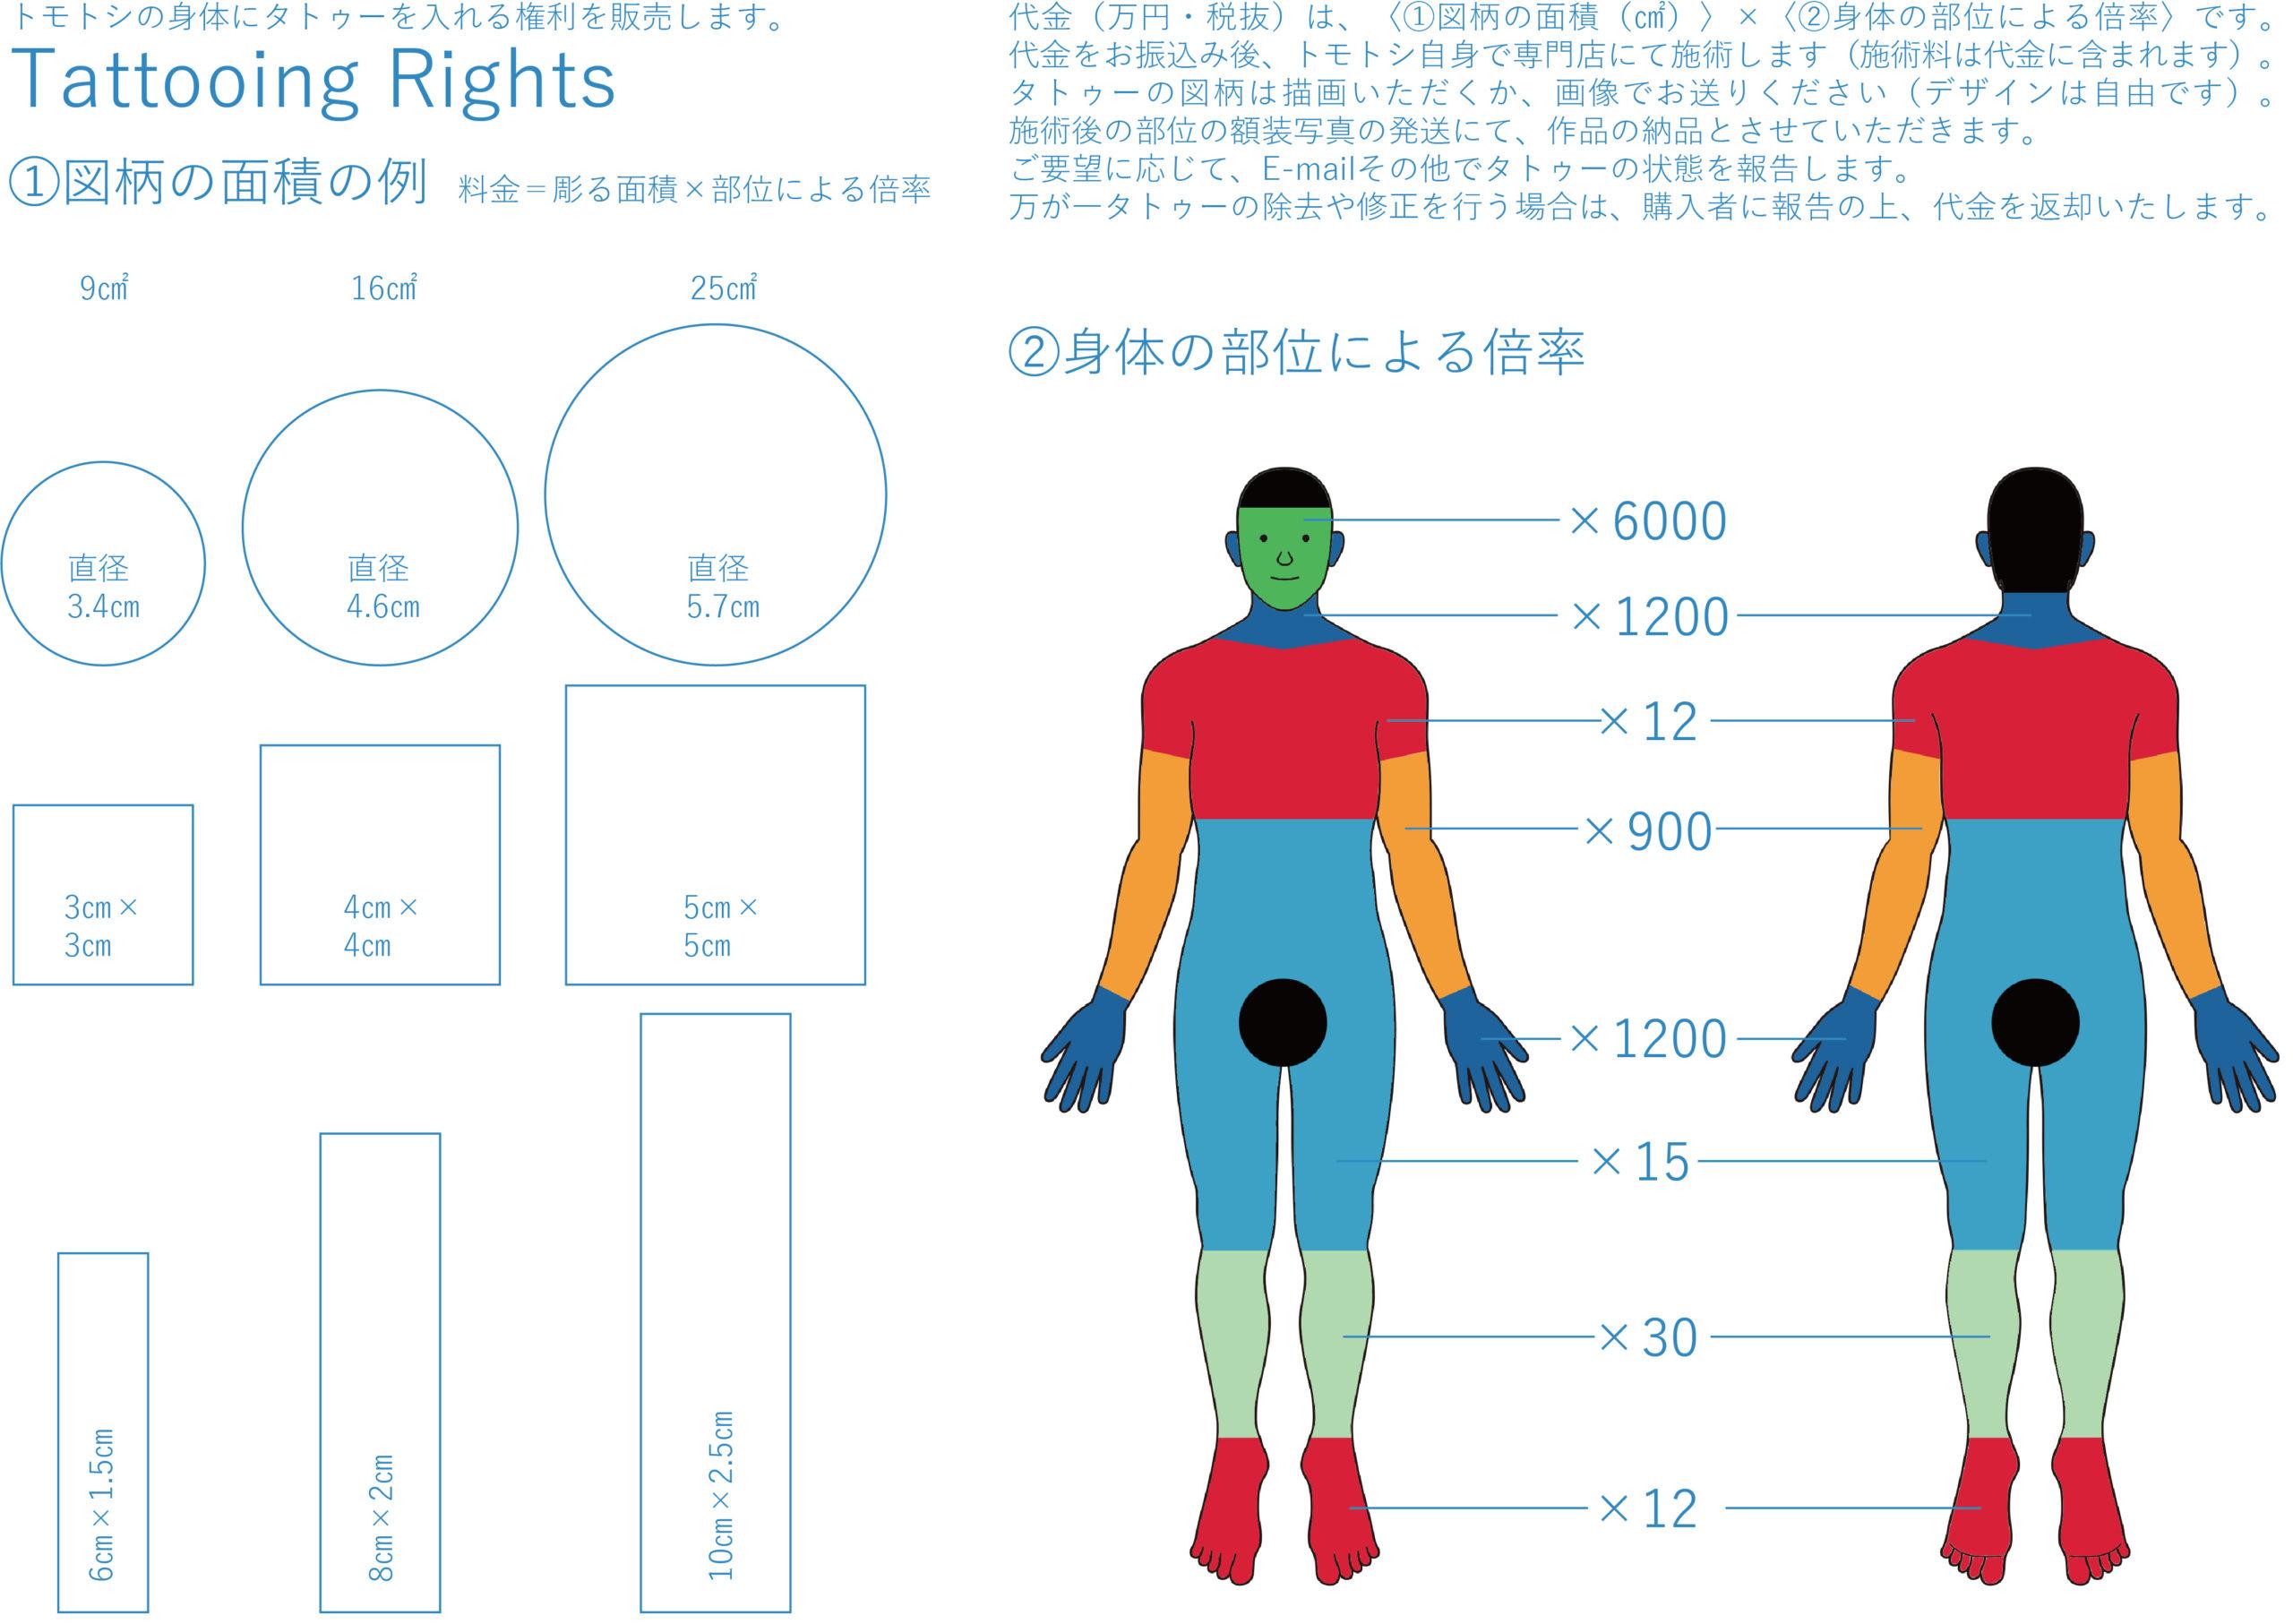 トモトシ_Tattooing Rights